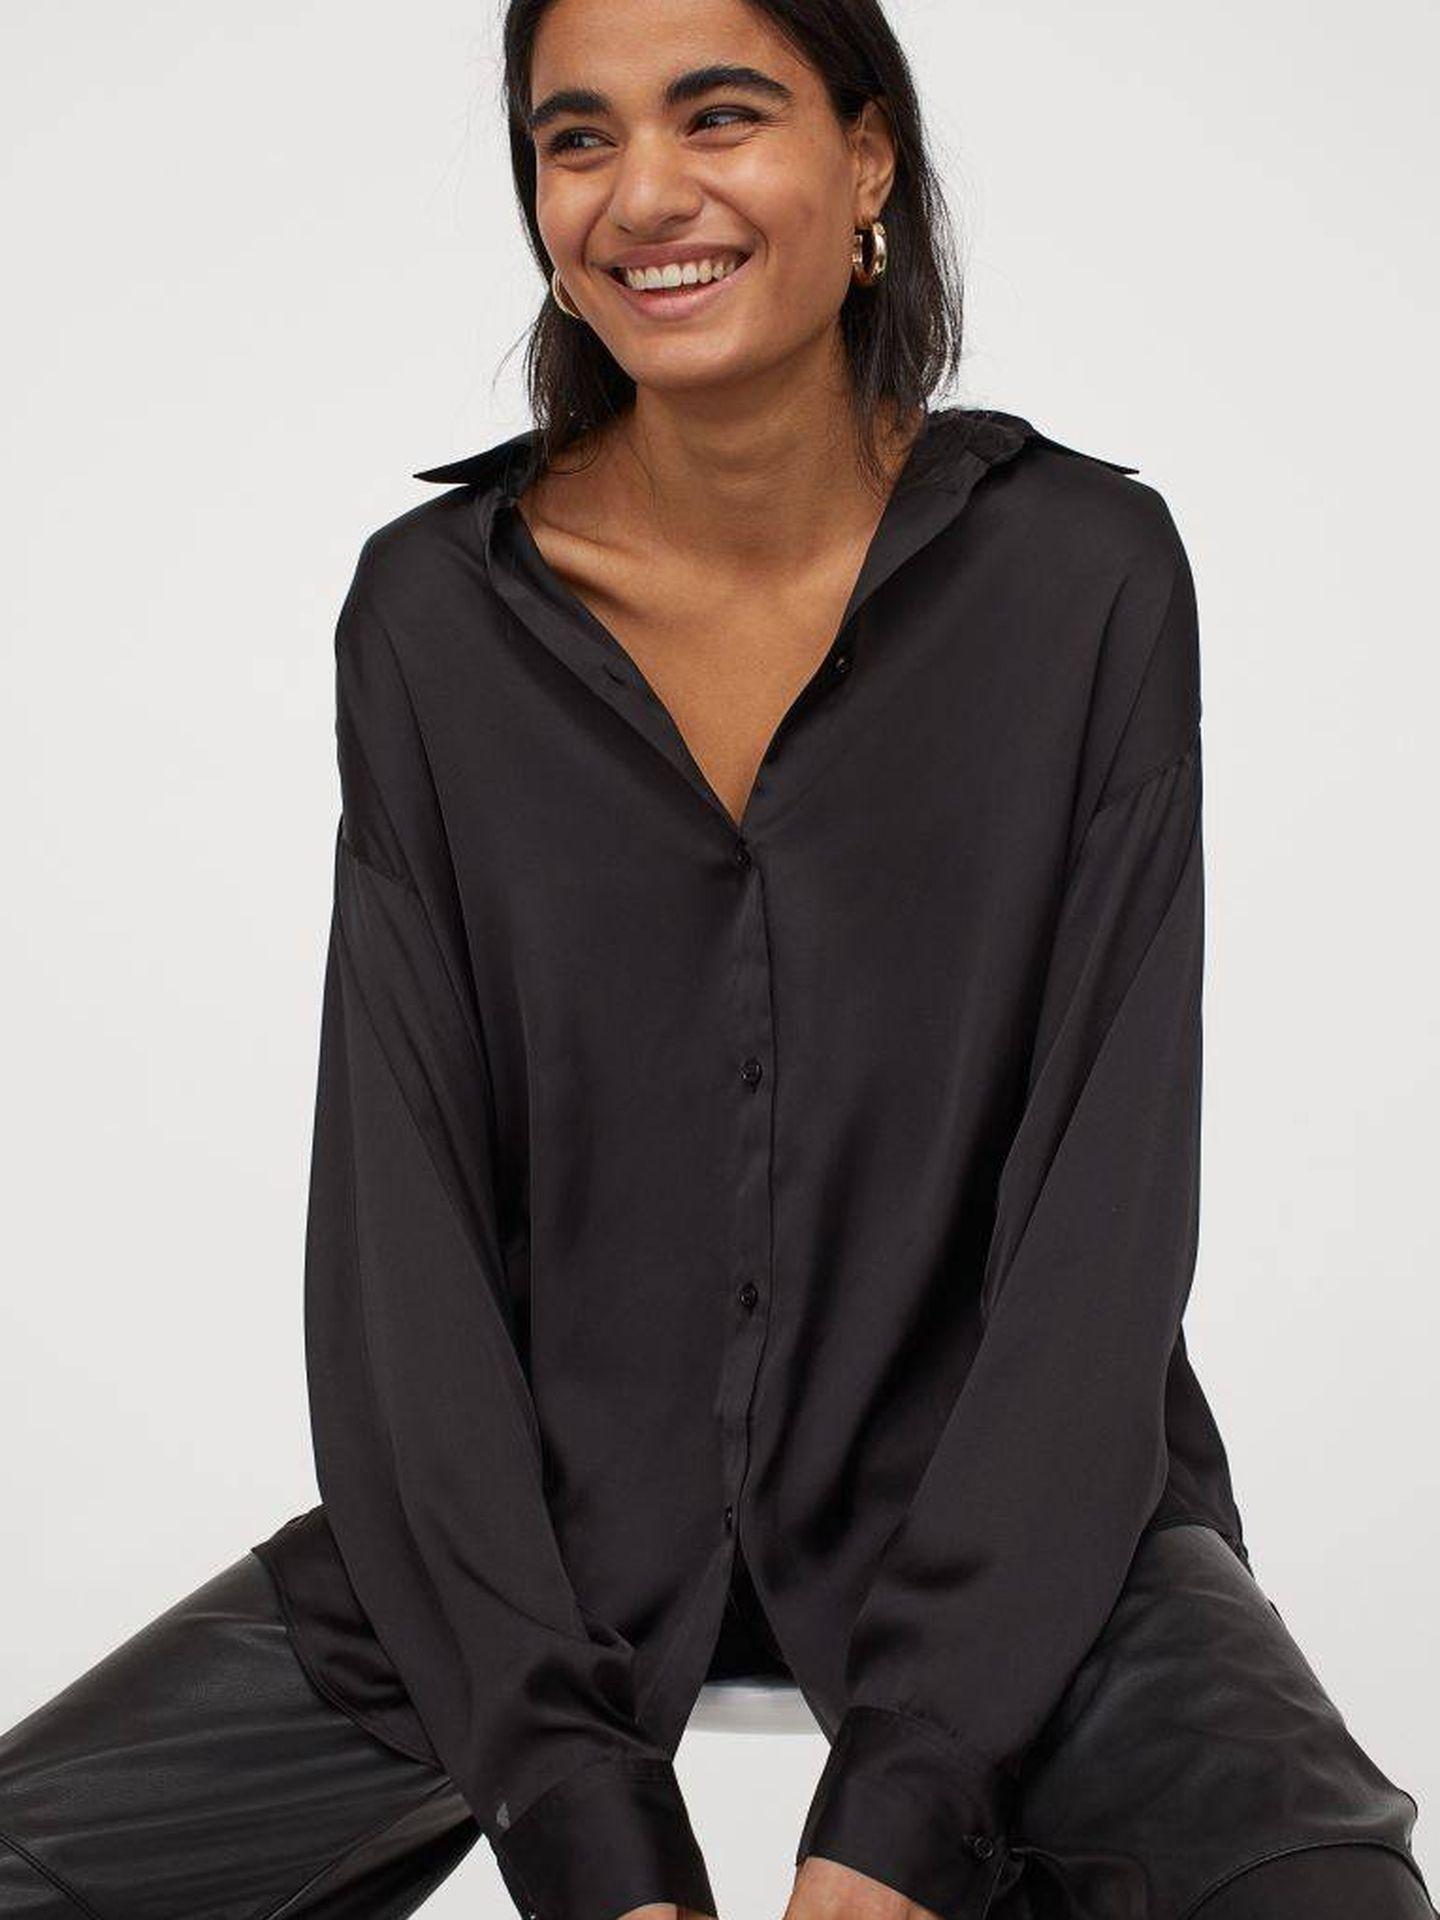 La blusa de HyM de color negro. (Cortesía)